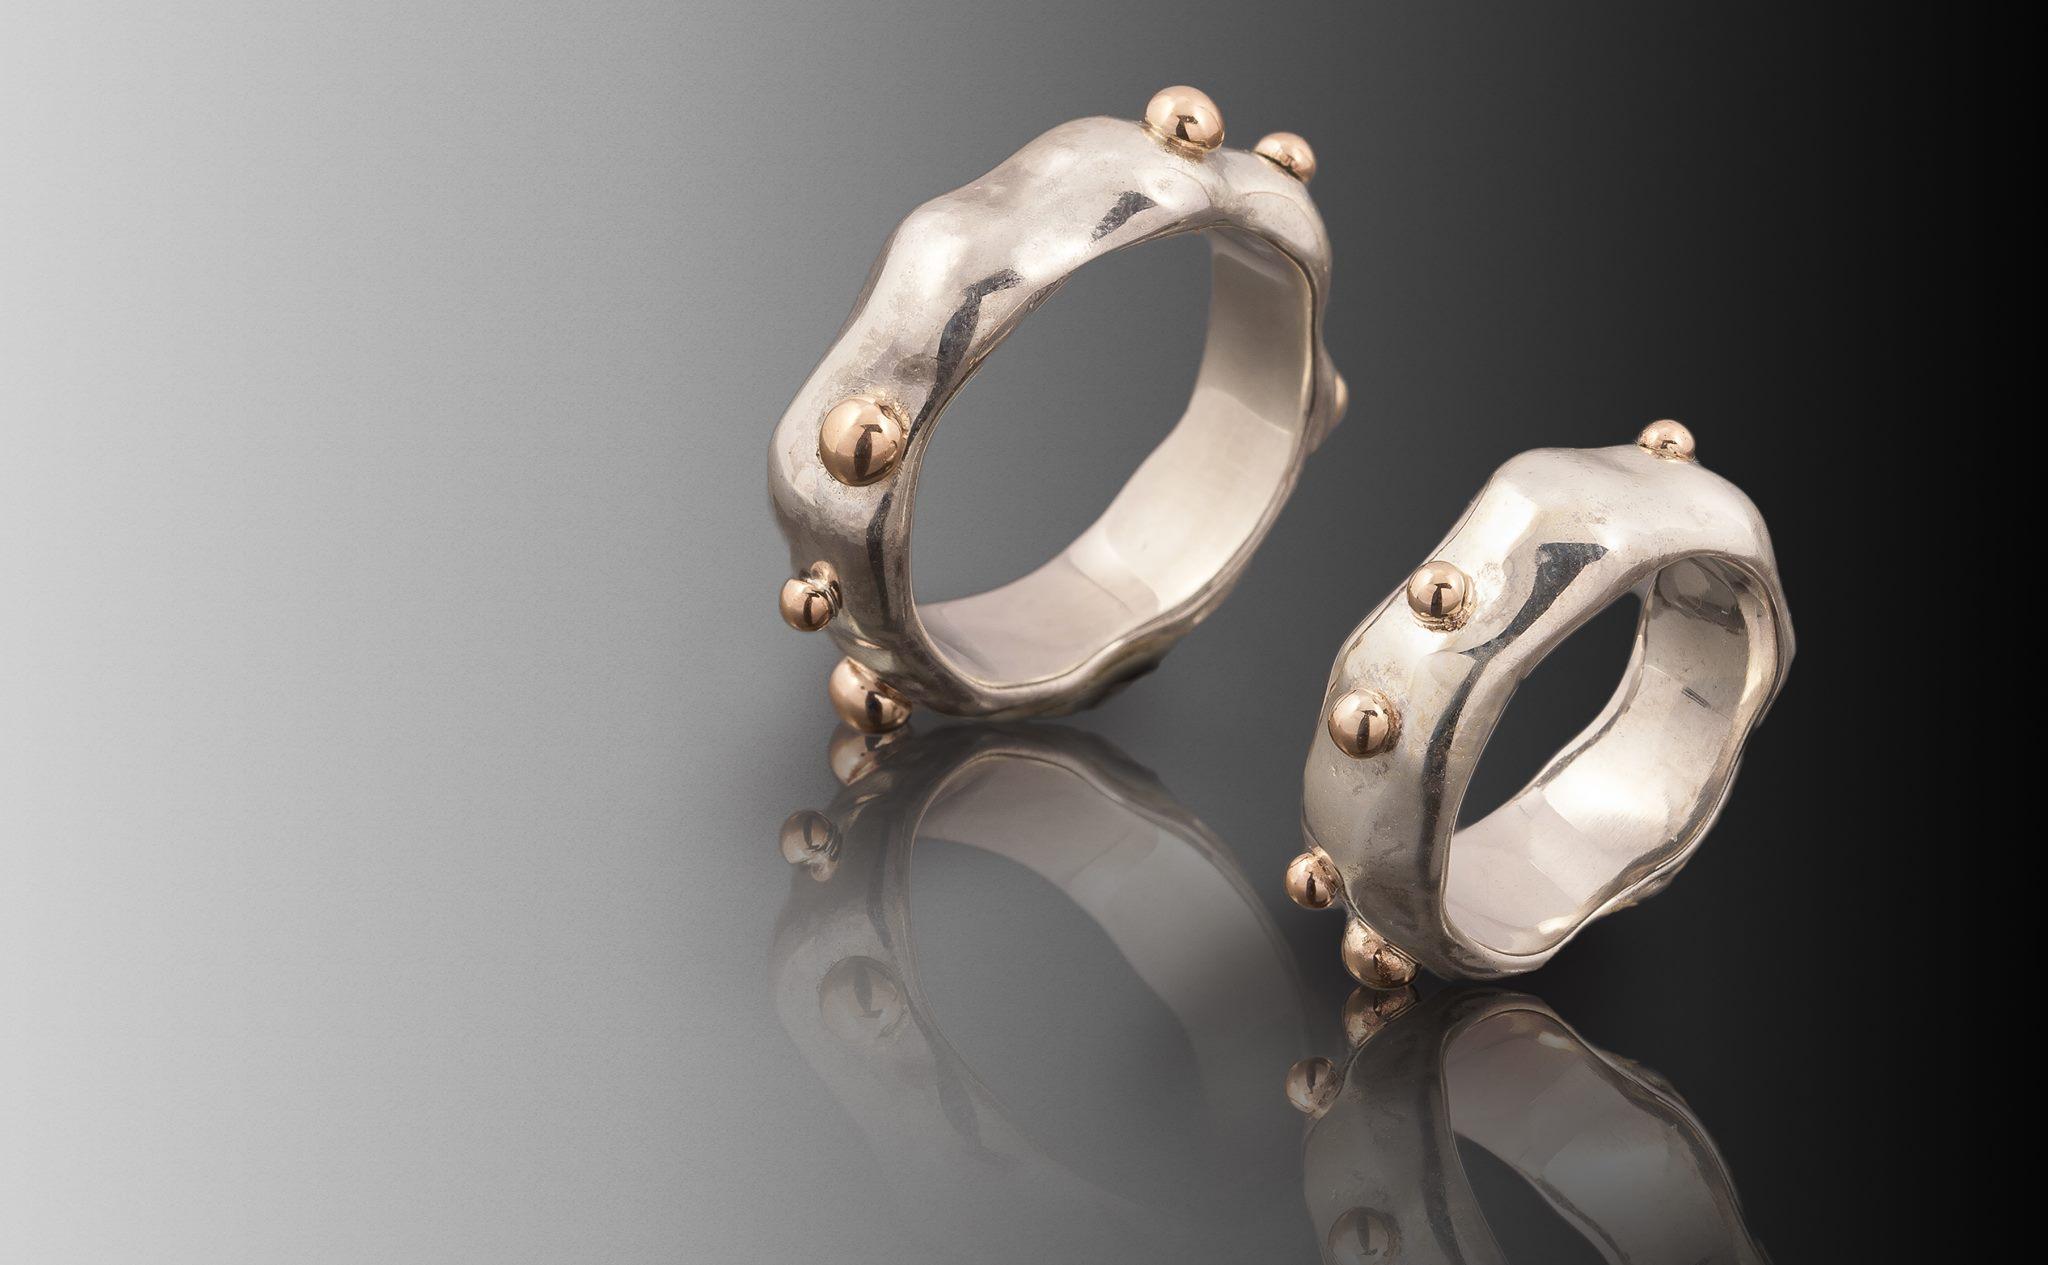 Vienetiniai vestuviniai žiedai iš sidabro.